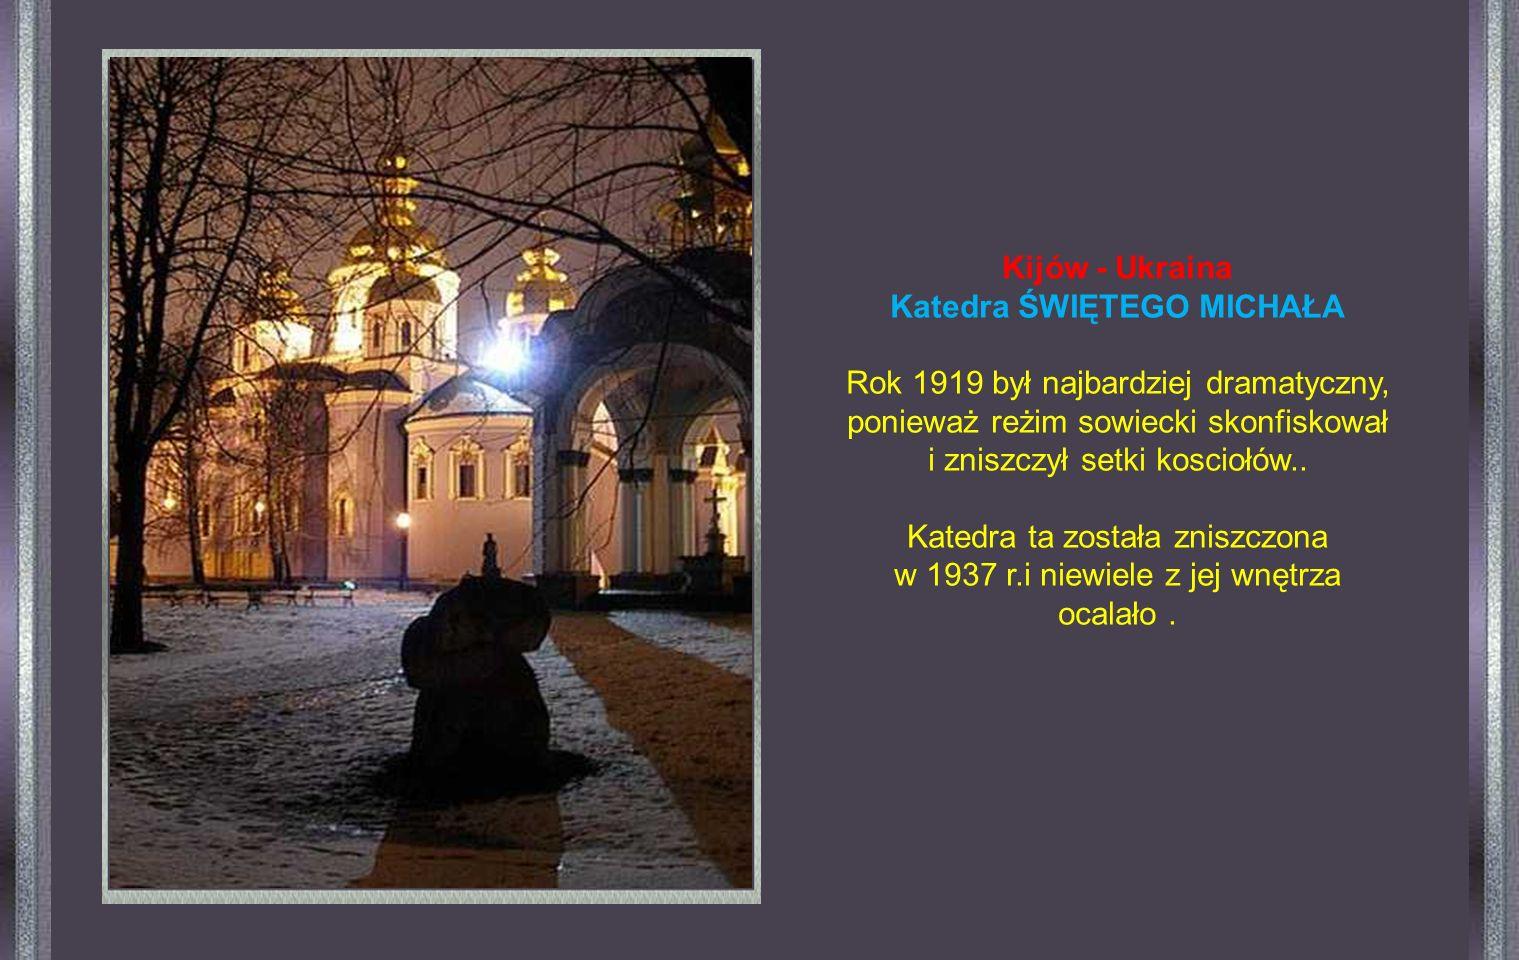 Rekonstrukcję kościoła rozpoczęto w 1994r. Jest on pod każdym względem podobny do tego, który Stalin kazał zniszczyć.